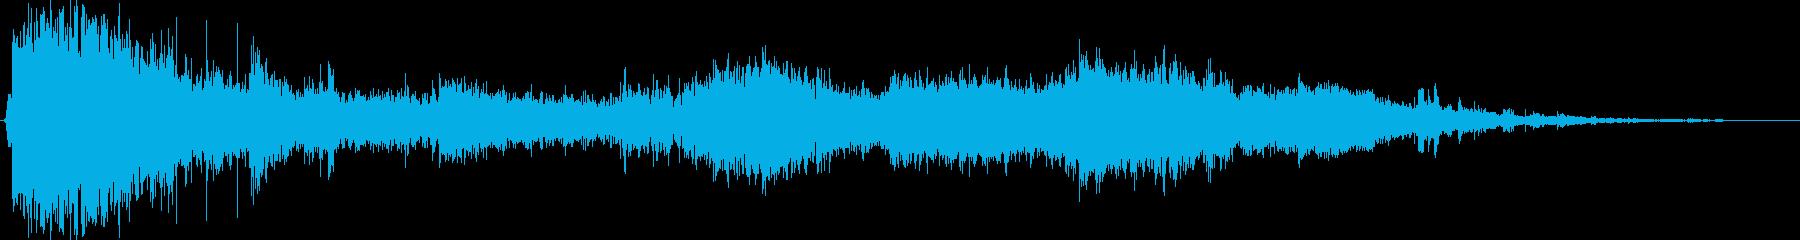 自動クラッシュ:Ext:ストアウィ...の再生済みの波形